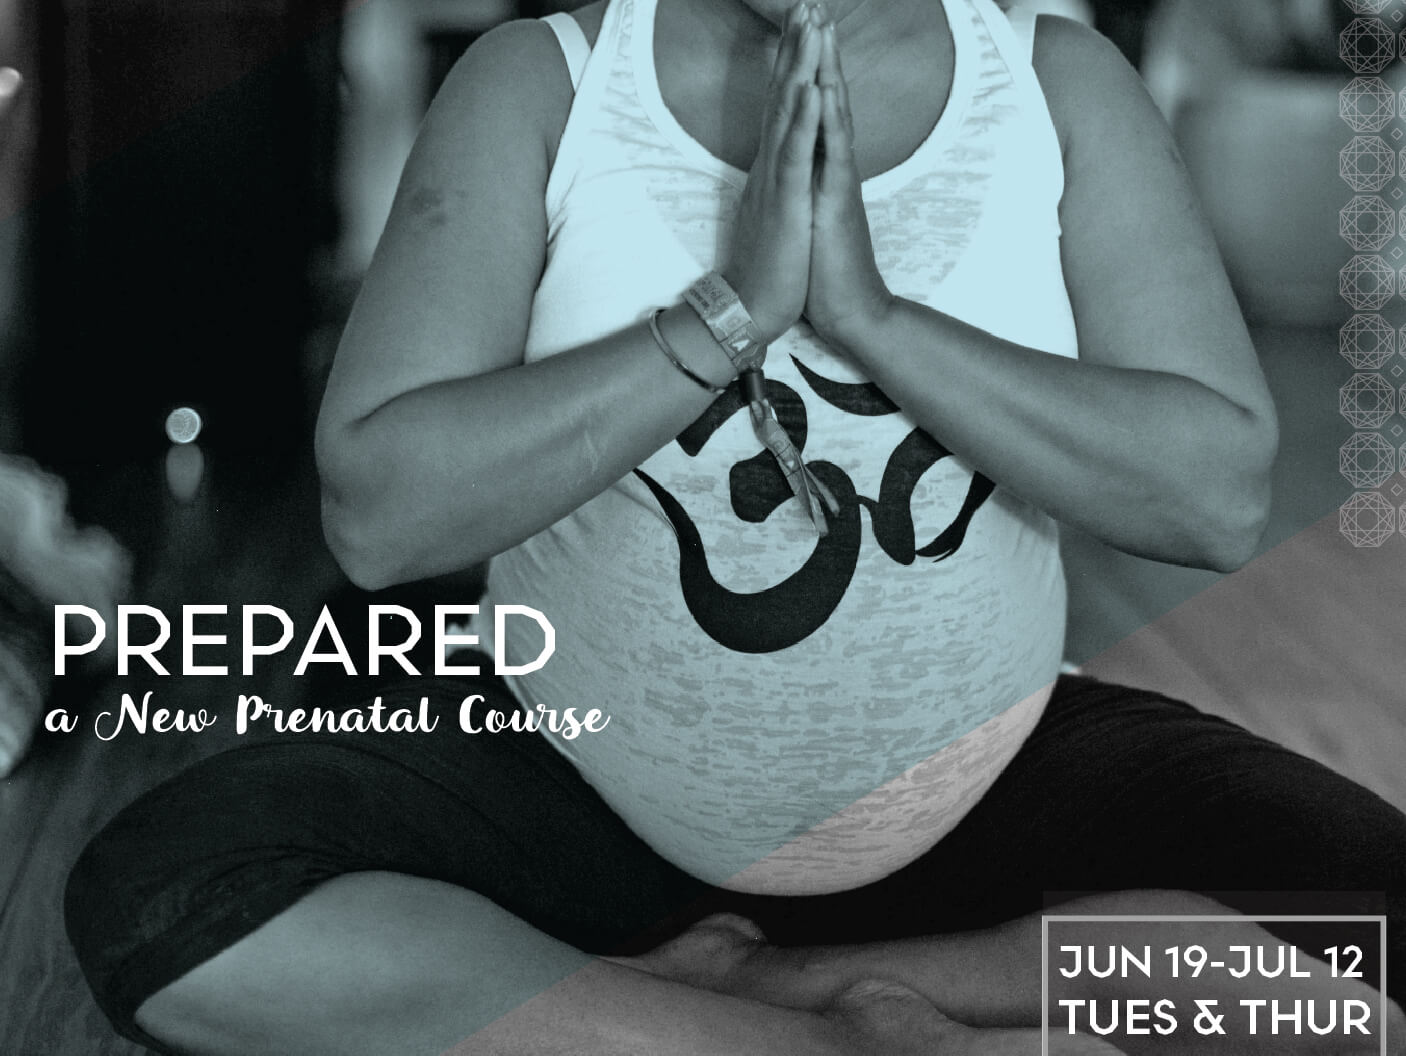 PREPARED: A New Prenatal Course